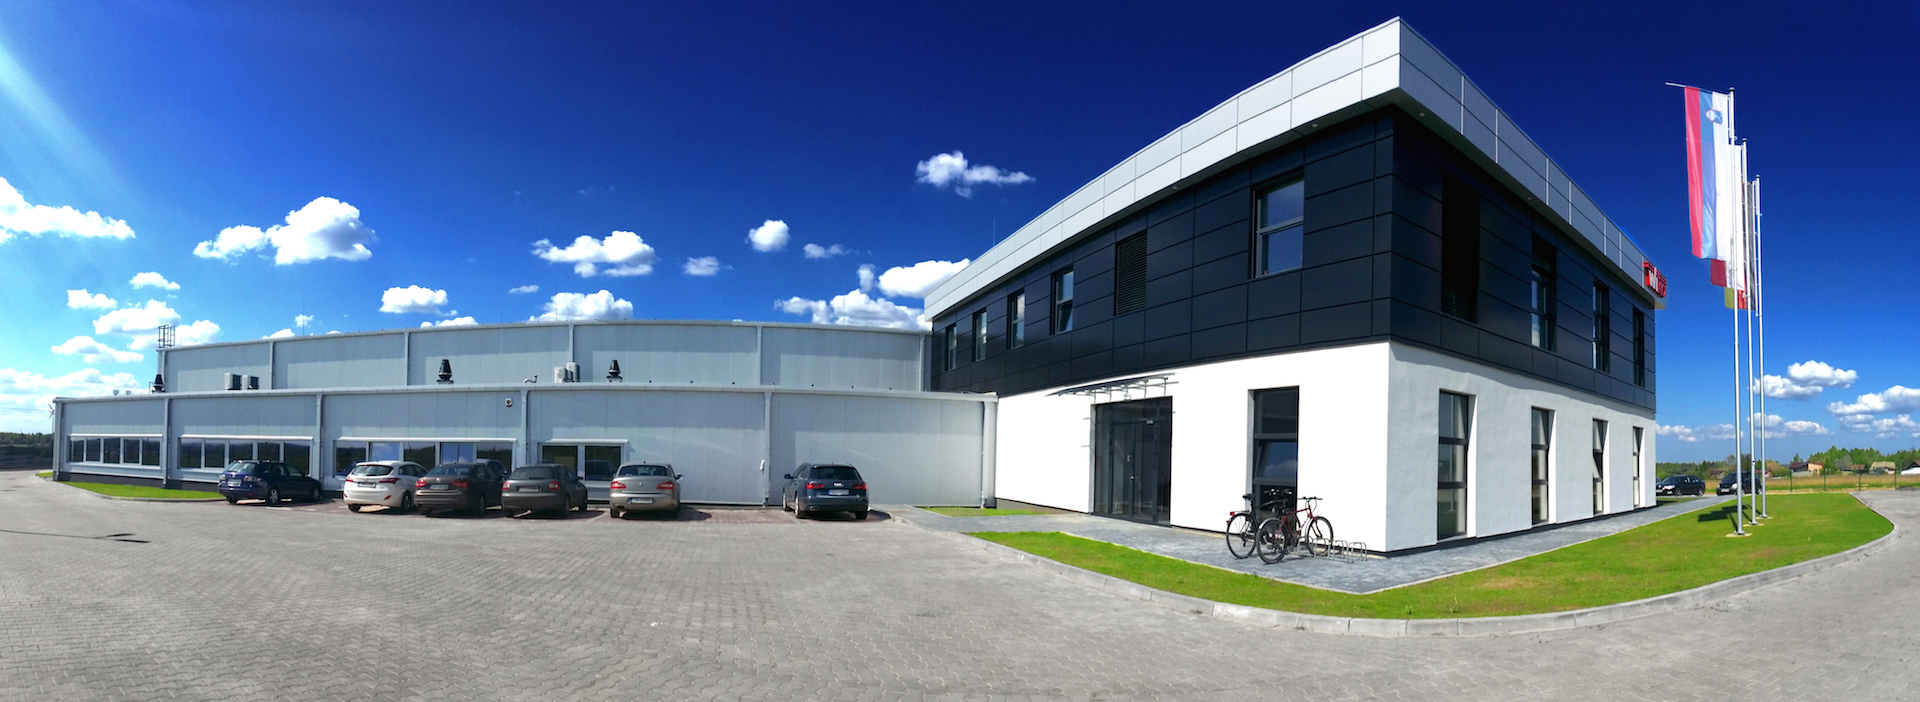 Kamiński - Budownictwo. Generalne wykonawstwo, kompleksowa realizacja obiektów budowlanych, budowa hali, wykonawca hali.